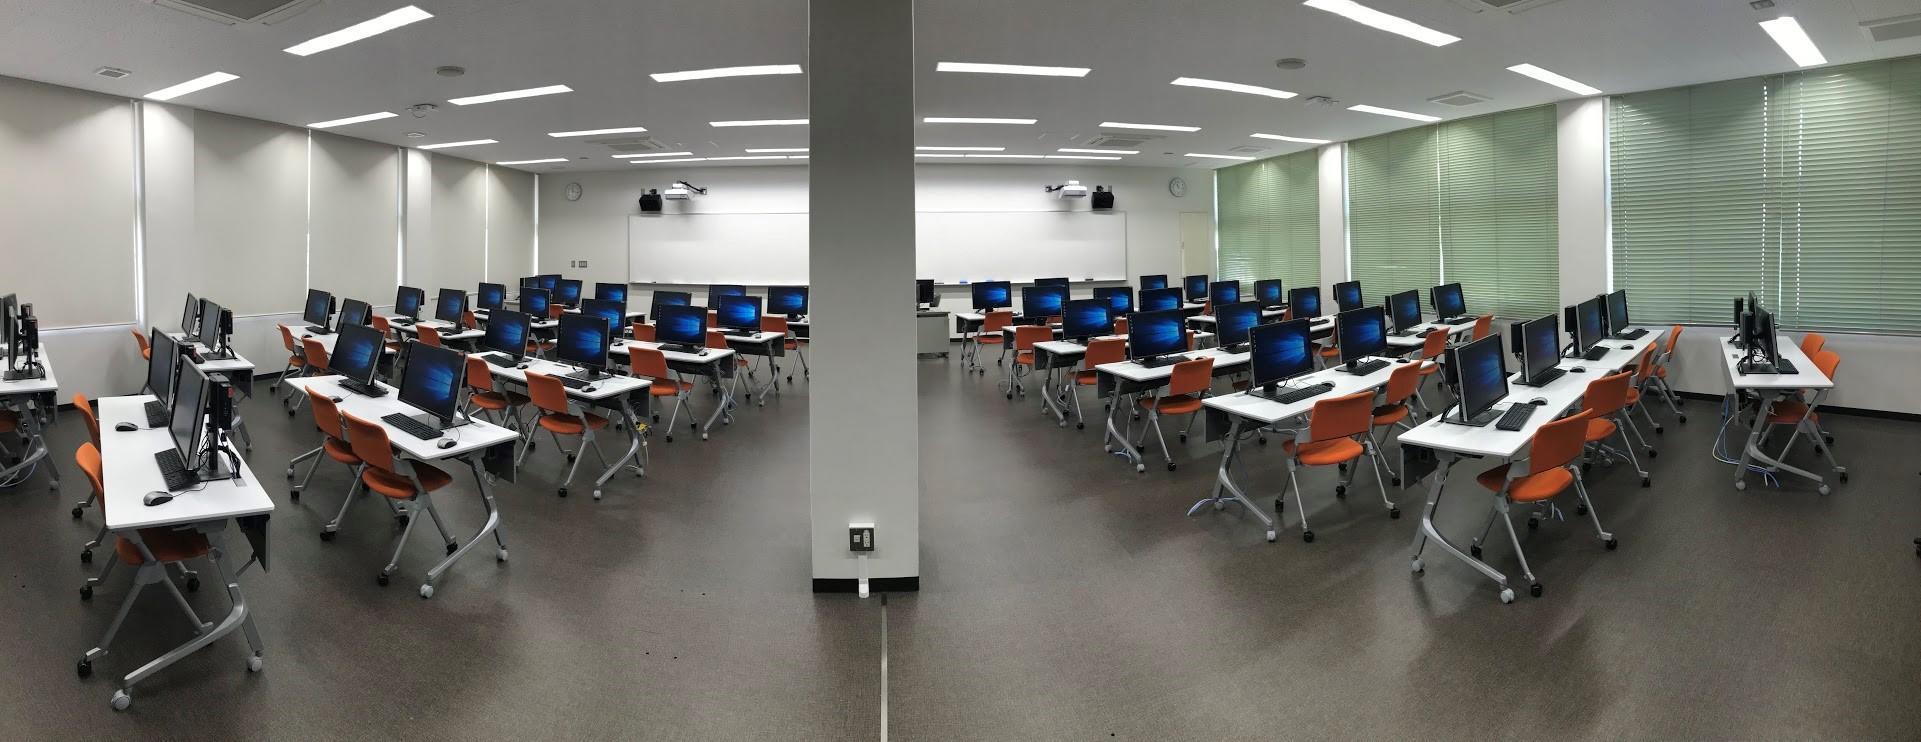 Computer Room1